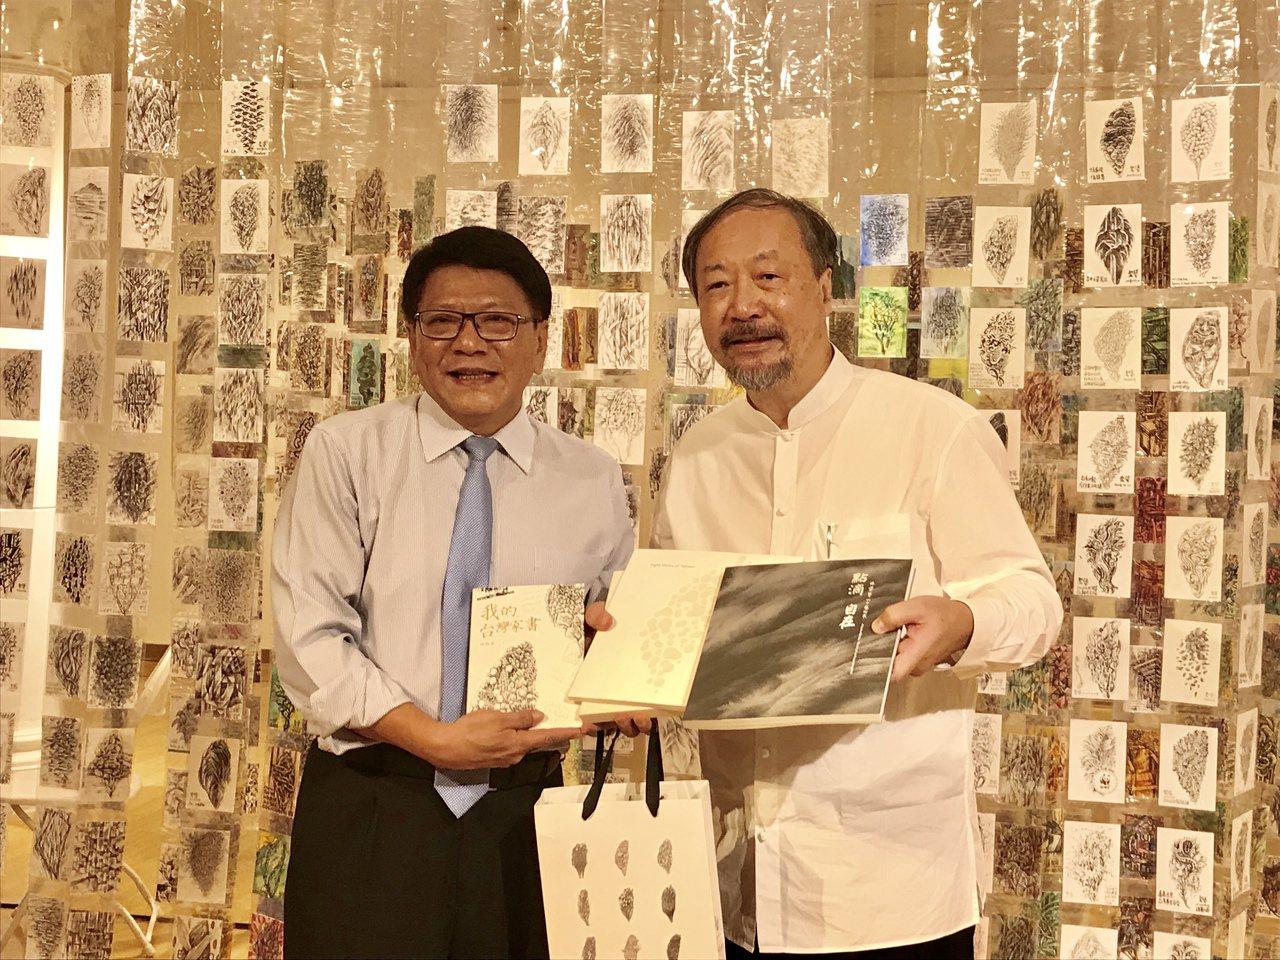 屏東縣長潘孟安(左)表示,兩年前就和林磐聳(右)老師有約,要在台灣設計展前,把畢...